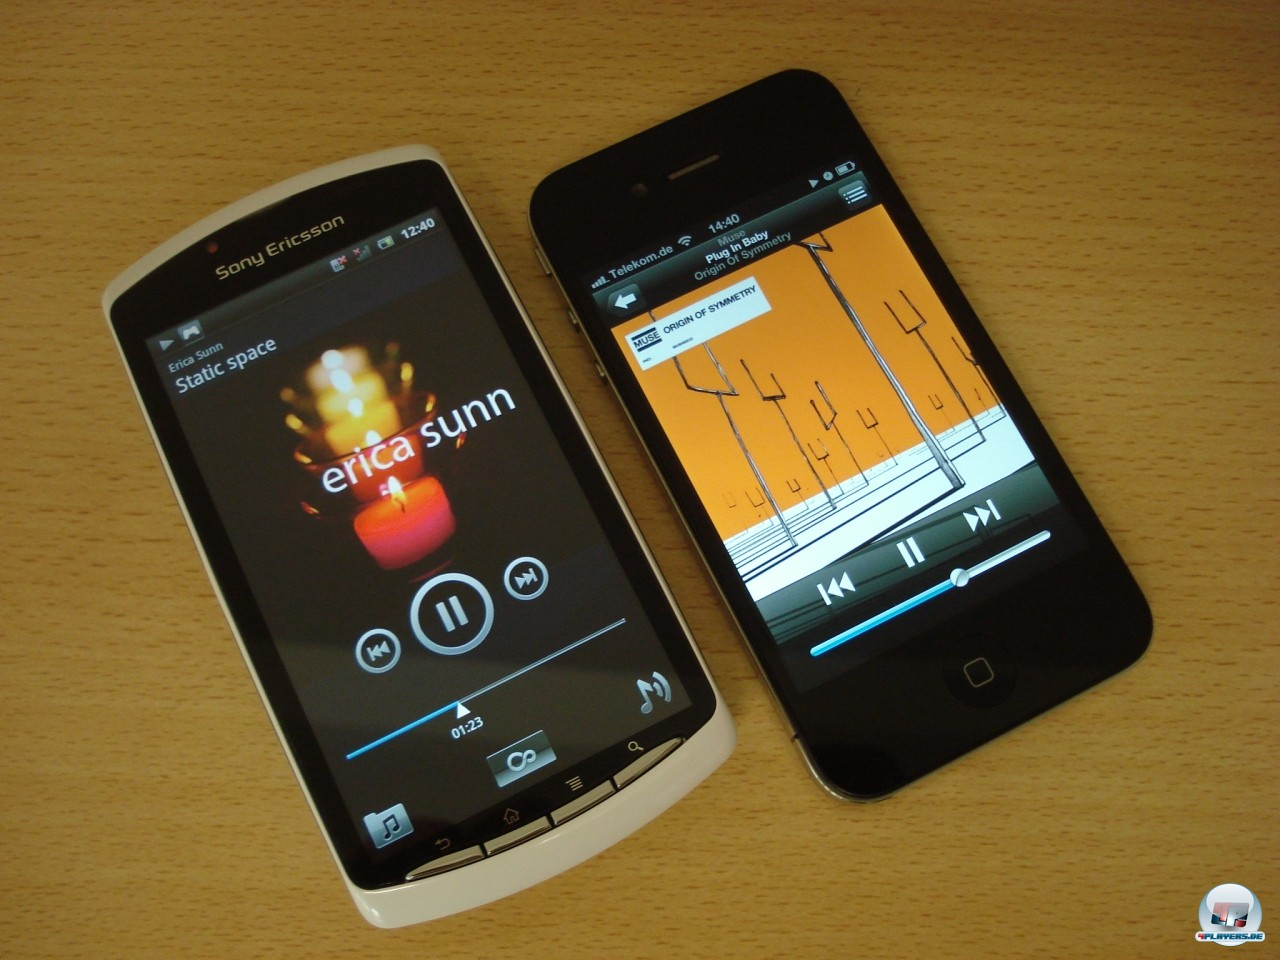 Da liegen sie friedvoll nebeneinander, Xperia Play und iPhone 4. Natürlich kann SonyEricssons Smartphone auch Musik und Videos wiedergeben, wobei es in der Wahl der Codecs etwas großzügiger ist als der Apple-Bruder.